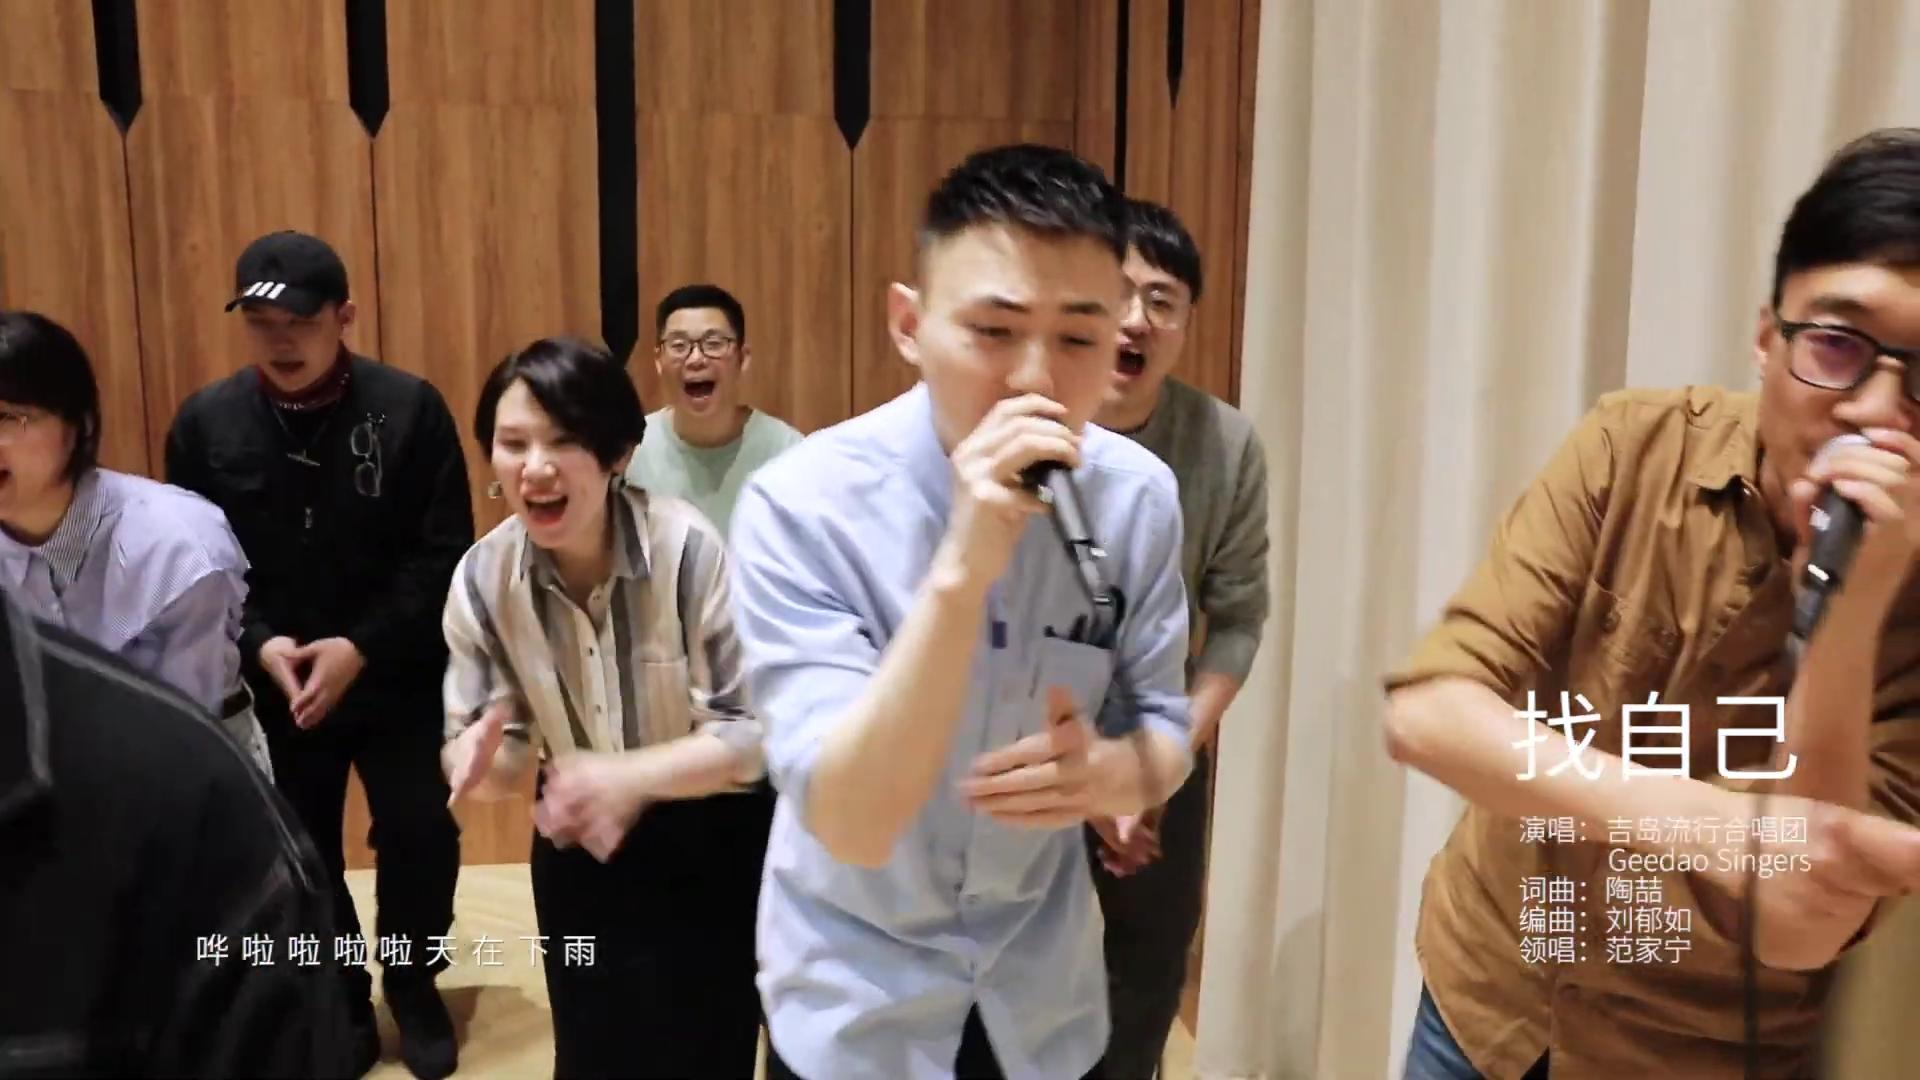 吉岛流行合唱团翻唱陶喆《找自己》- Geedao Singers